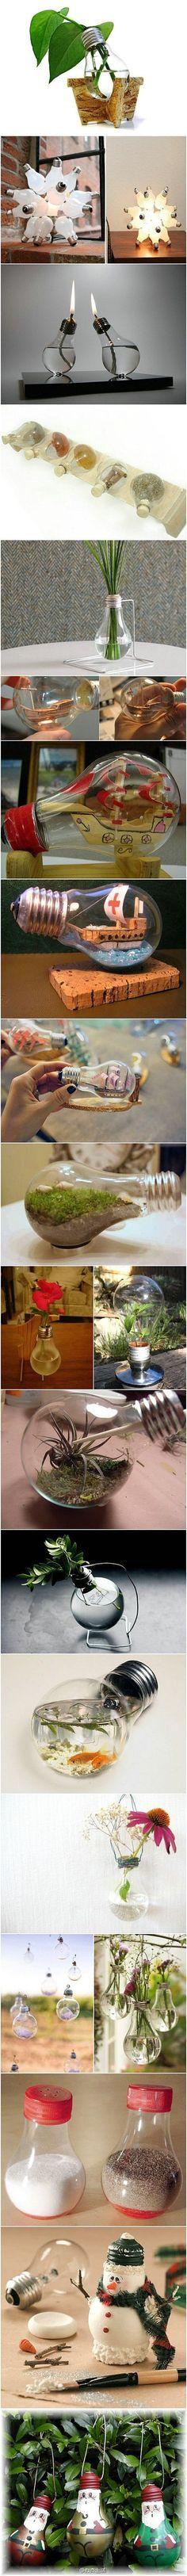 DIY Project: Rectales Light Bulbs #DIY #Foco #Decoracion #Eco #Reciclar #Reutilizar #Ideas #diy